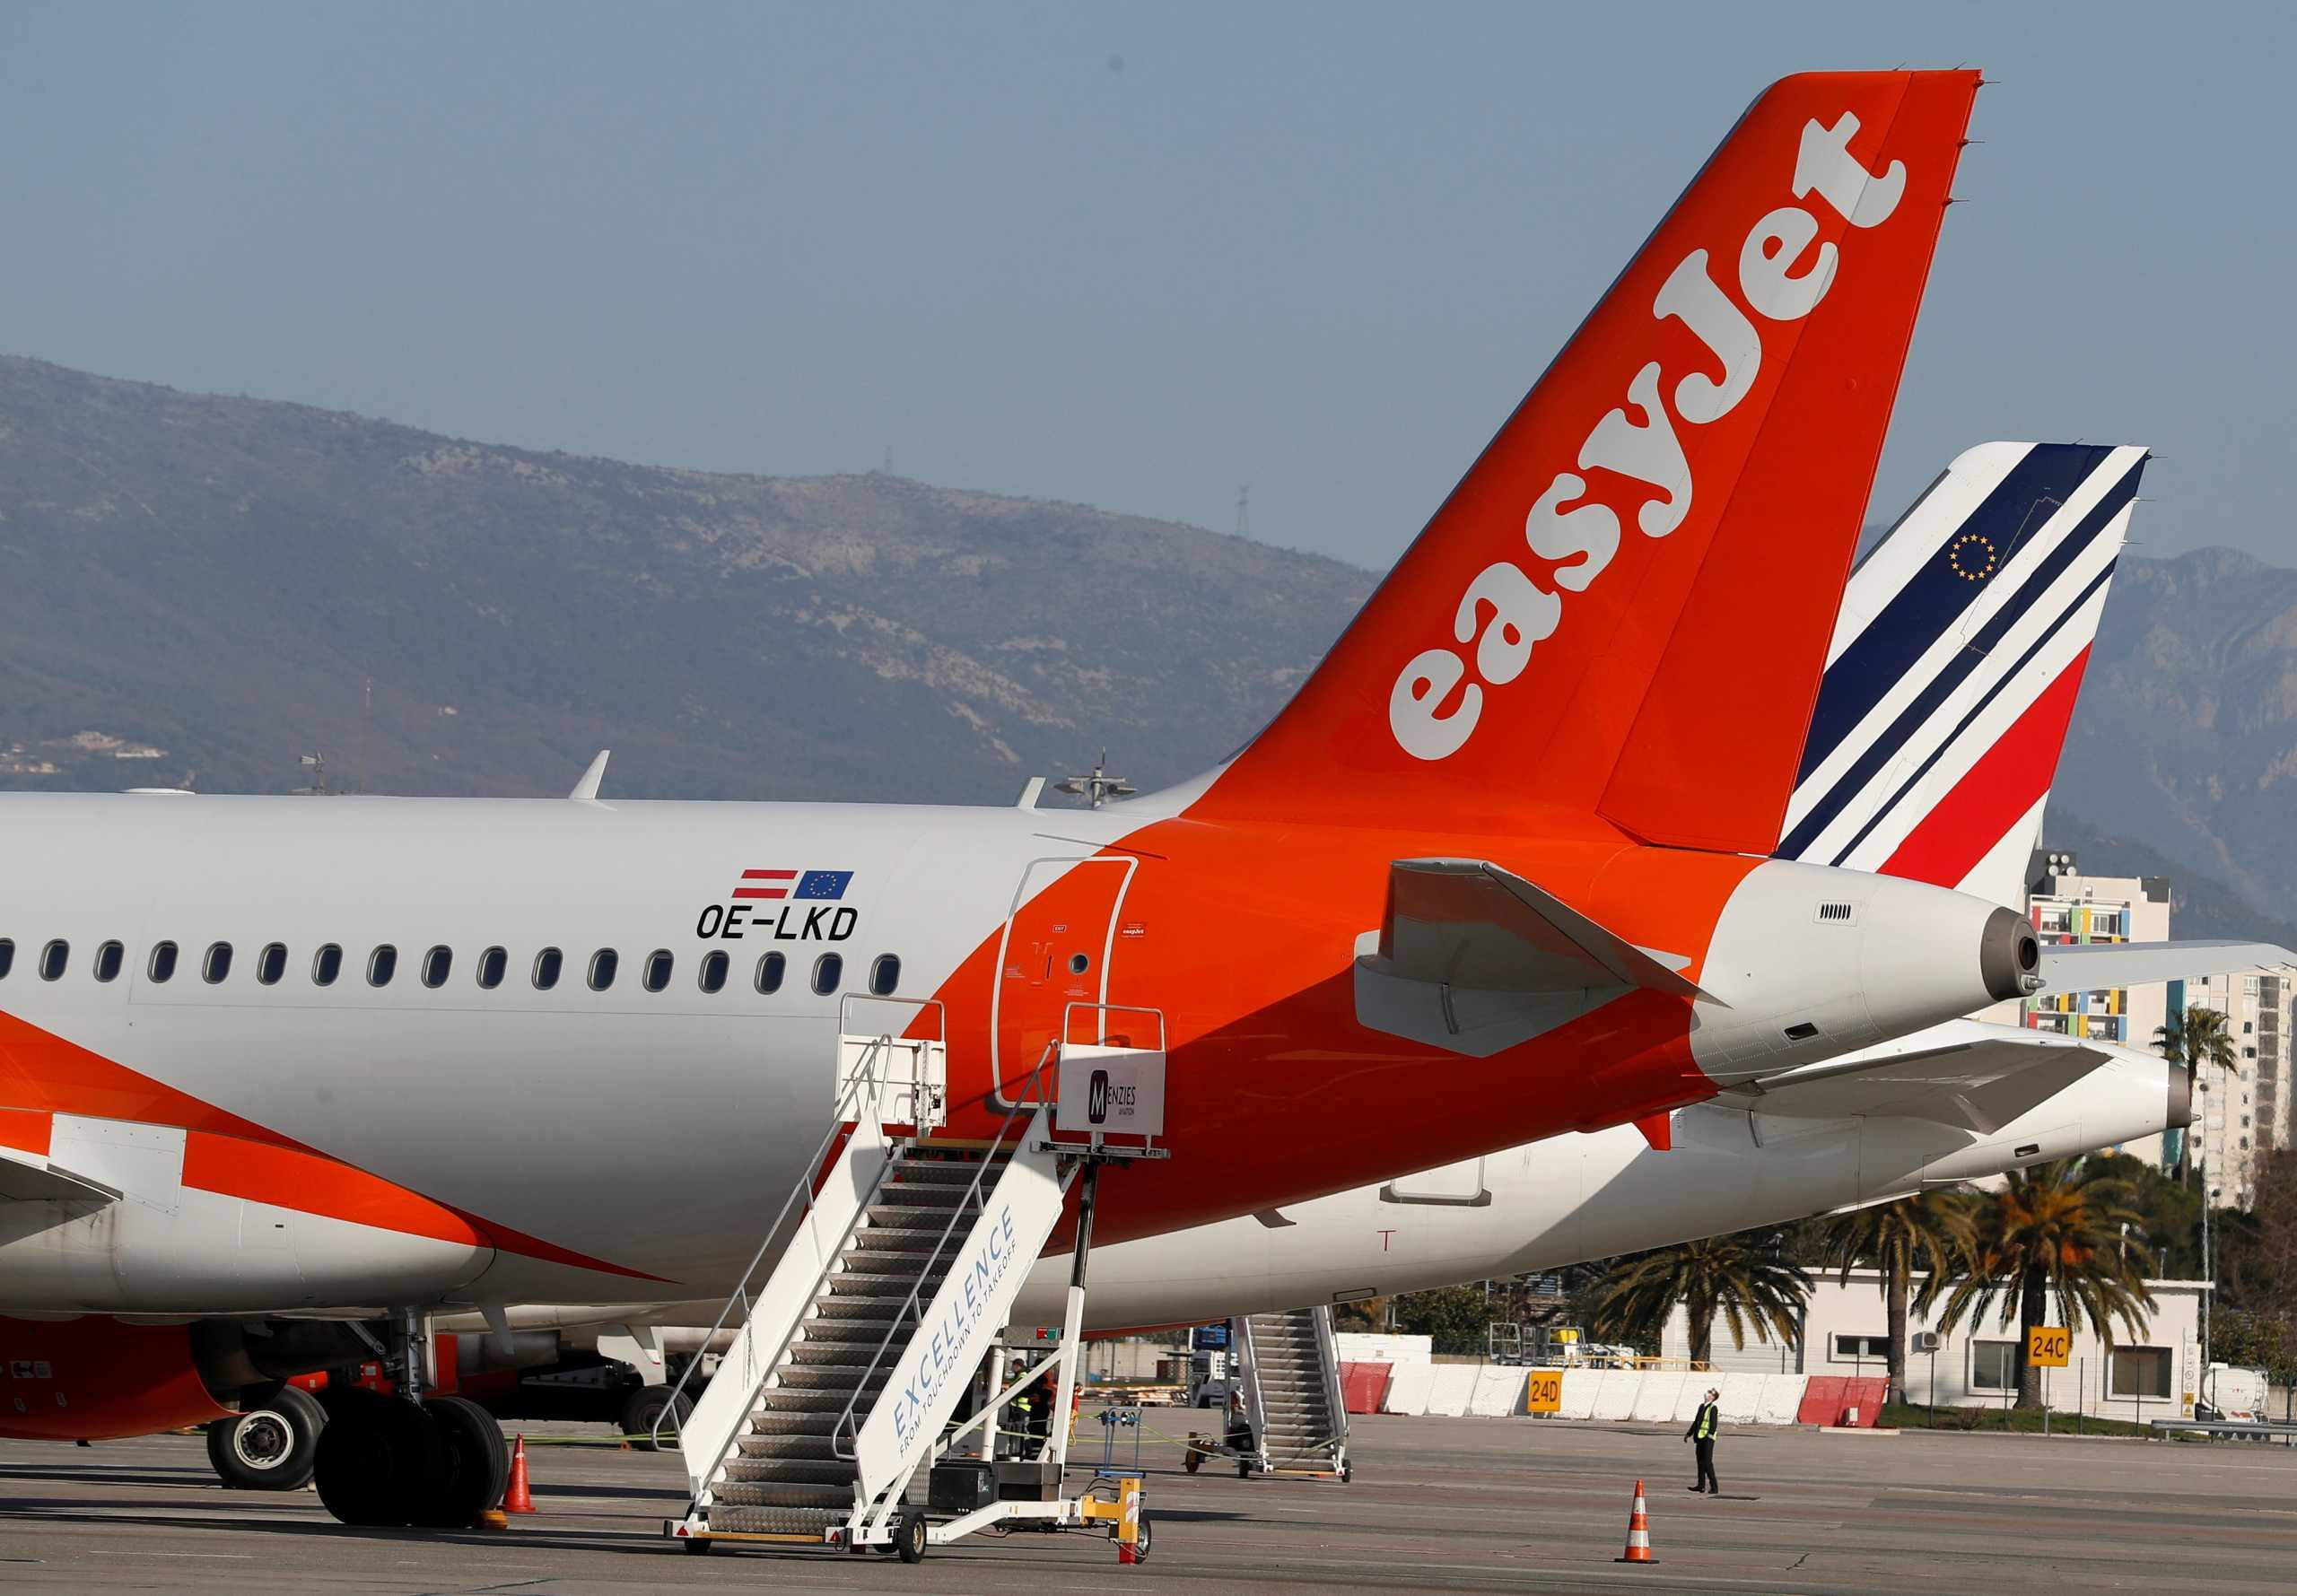 Γαλλία: Καραντίνα 10 ημερών για όλους τους επιβάτες από 5 χώρες